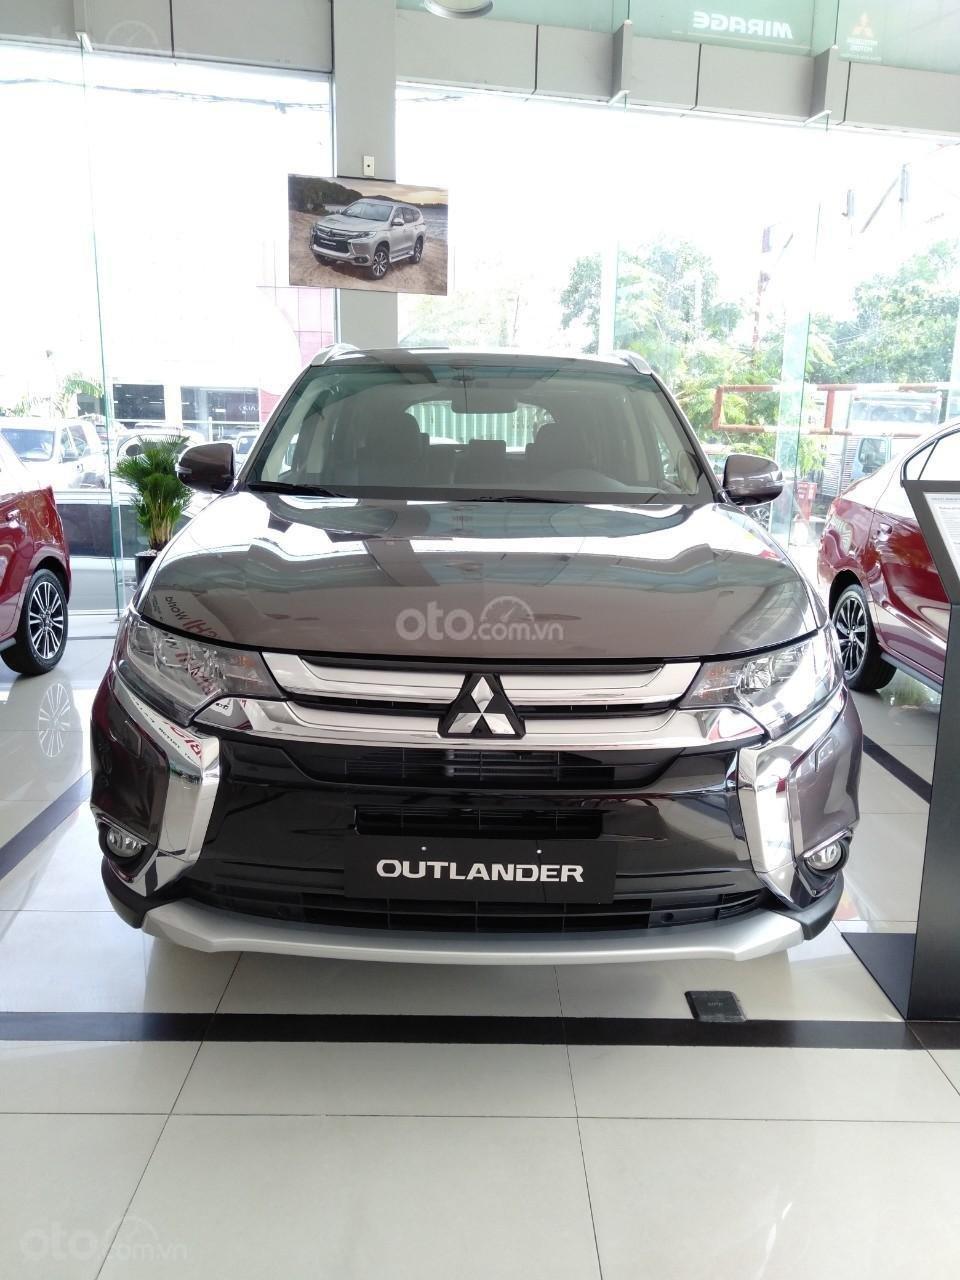 Mitsubishi Outlander 2019 bản 2.0 CVT giá chỉ 807,5 triệu, giao ngay (2)